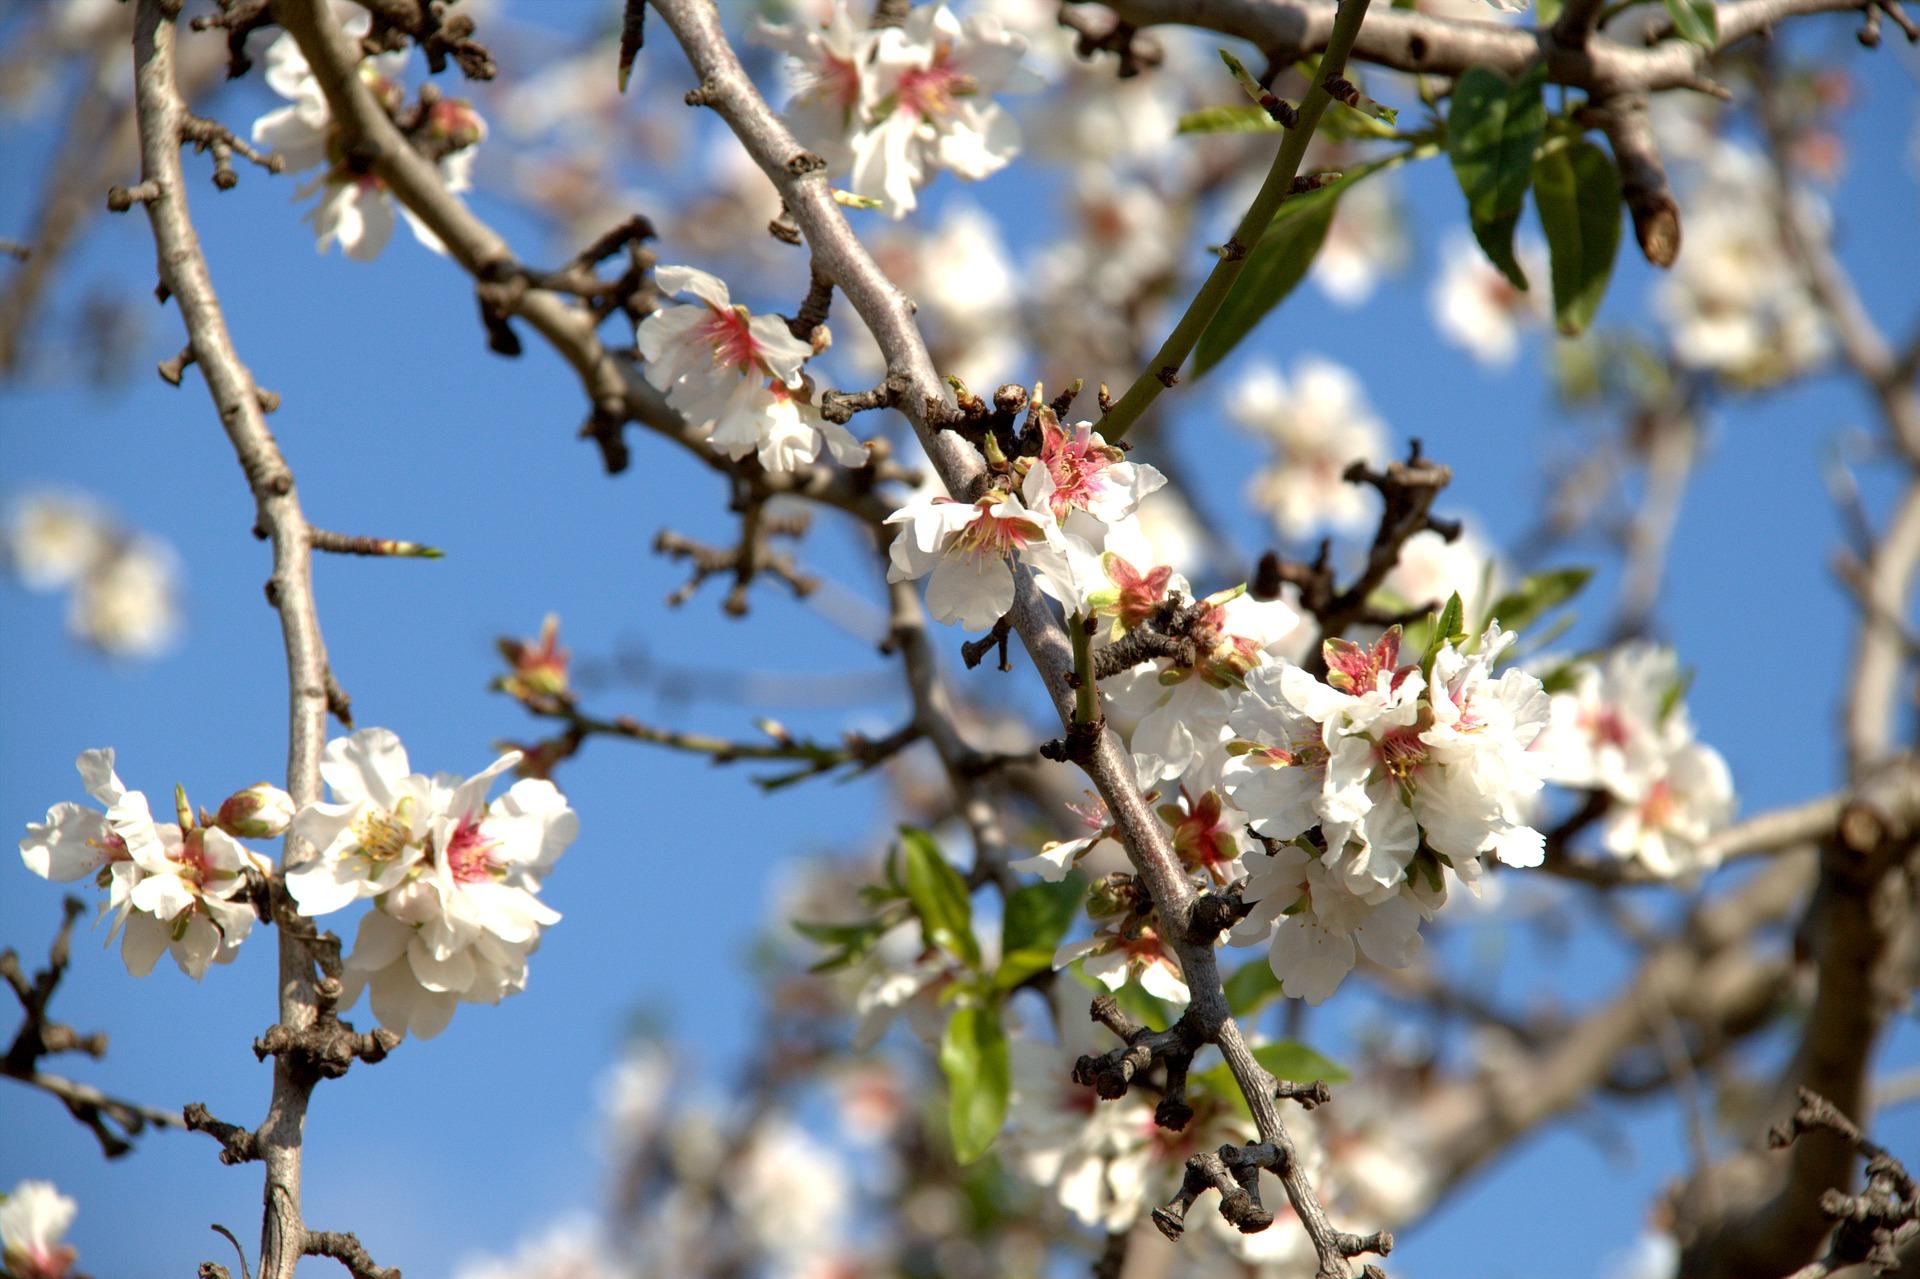 almond-blossom-4068566_1920.jpg